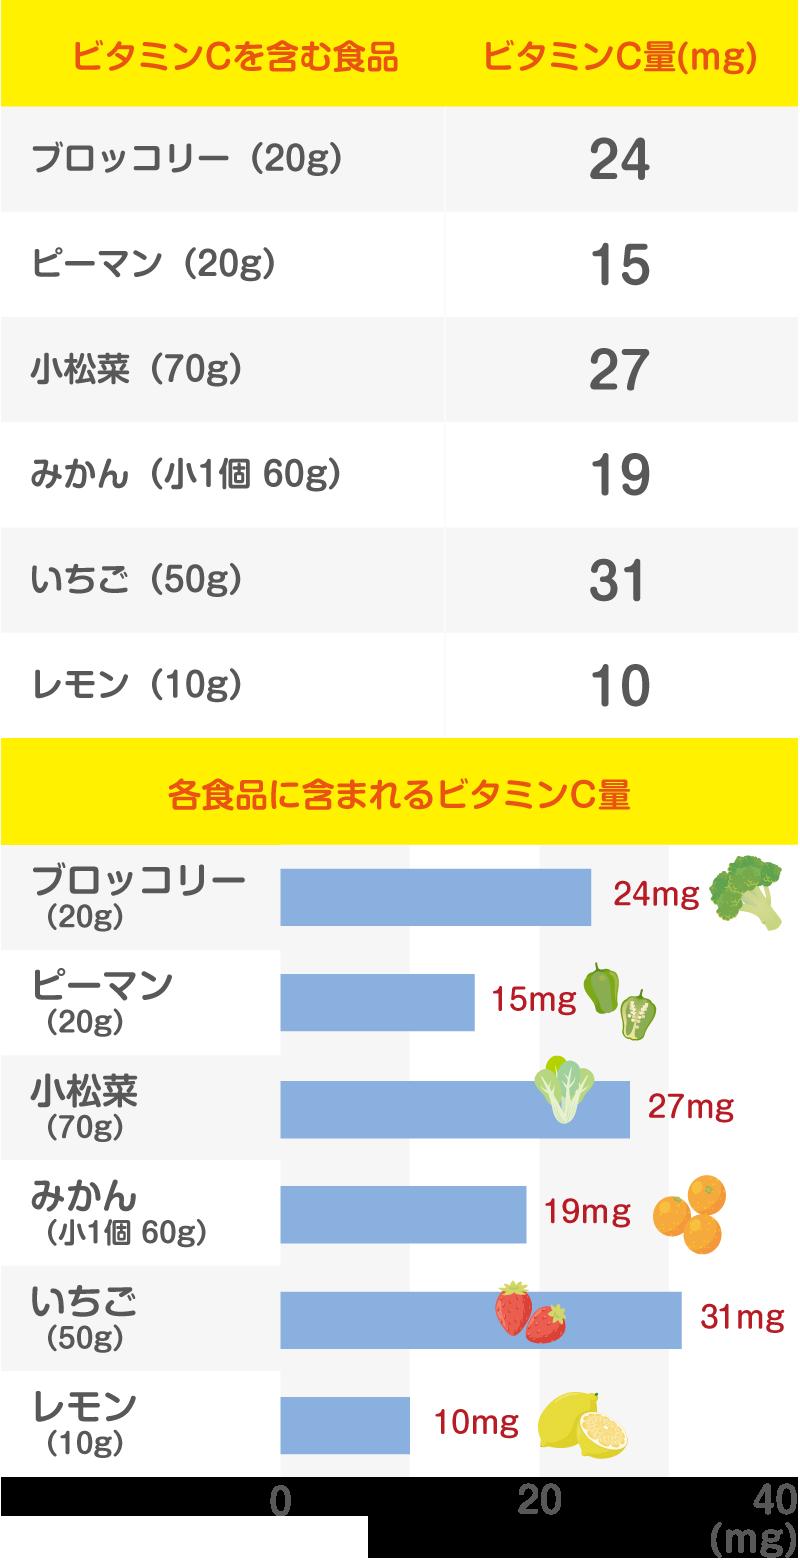 ビタミンCのグラフ